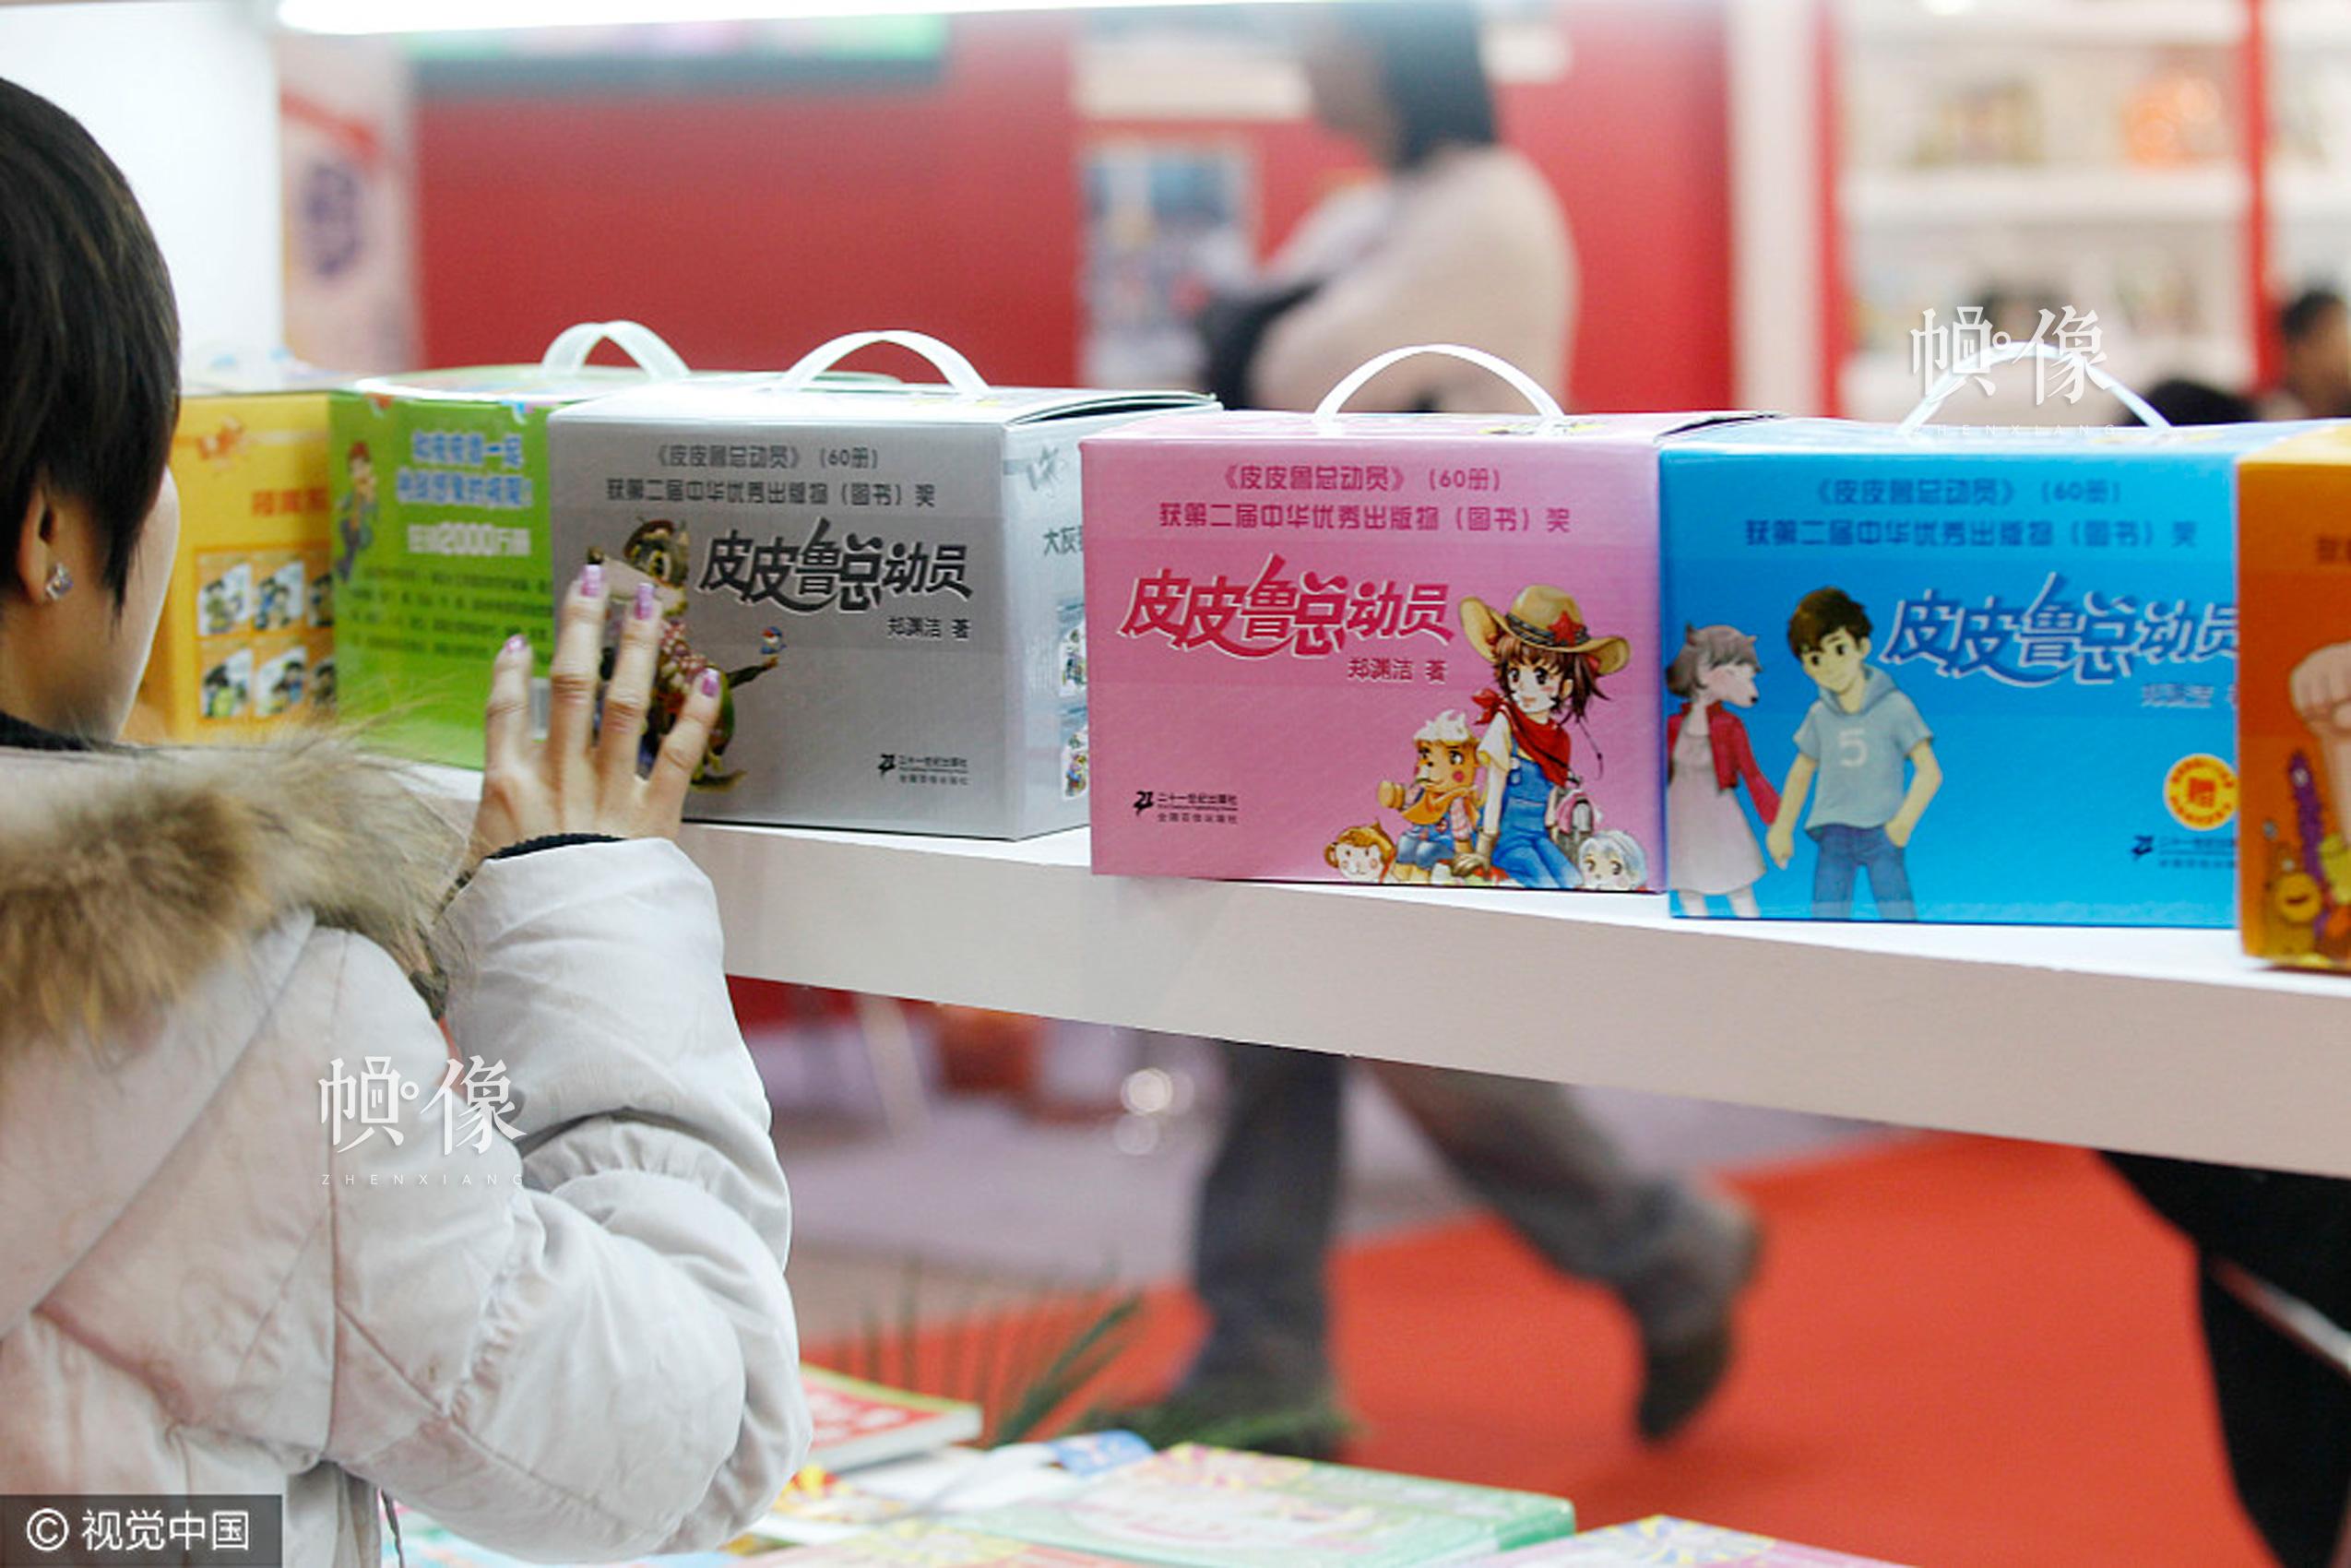 2013年1月12日,北京2013图书订货会,郑渊洁所著《皮皮鲁总动员》图书。 视觉中国